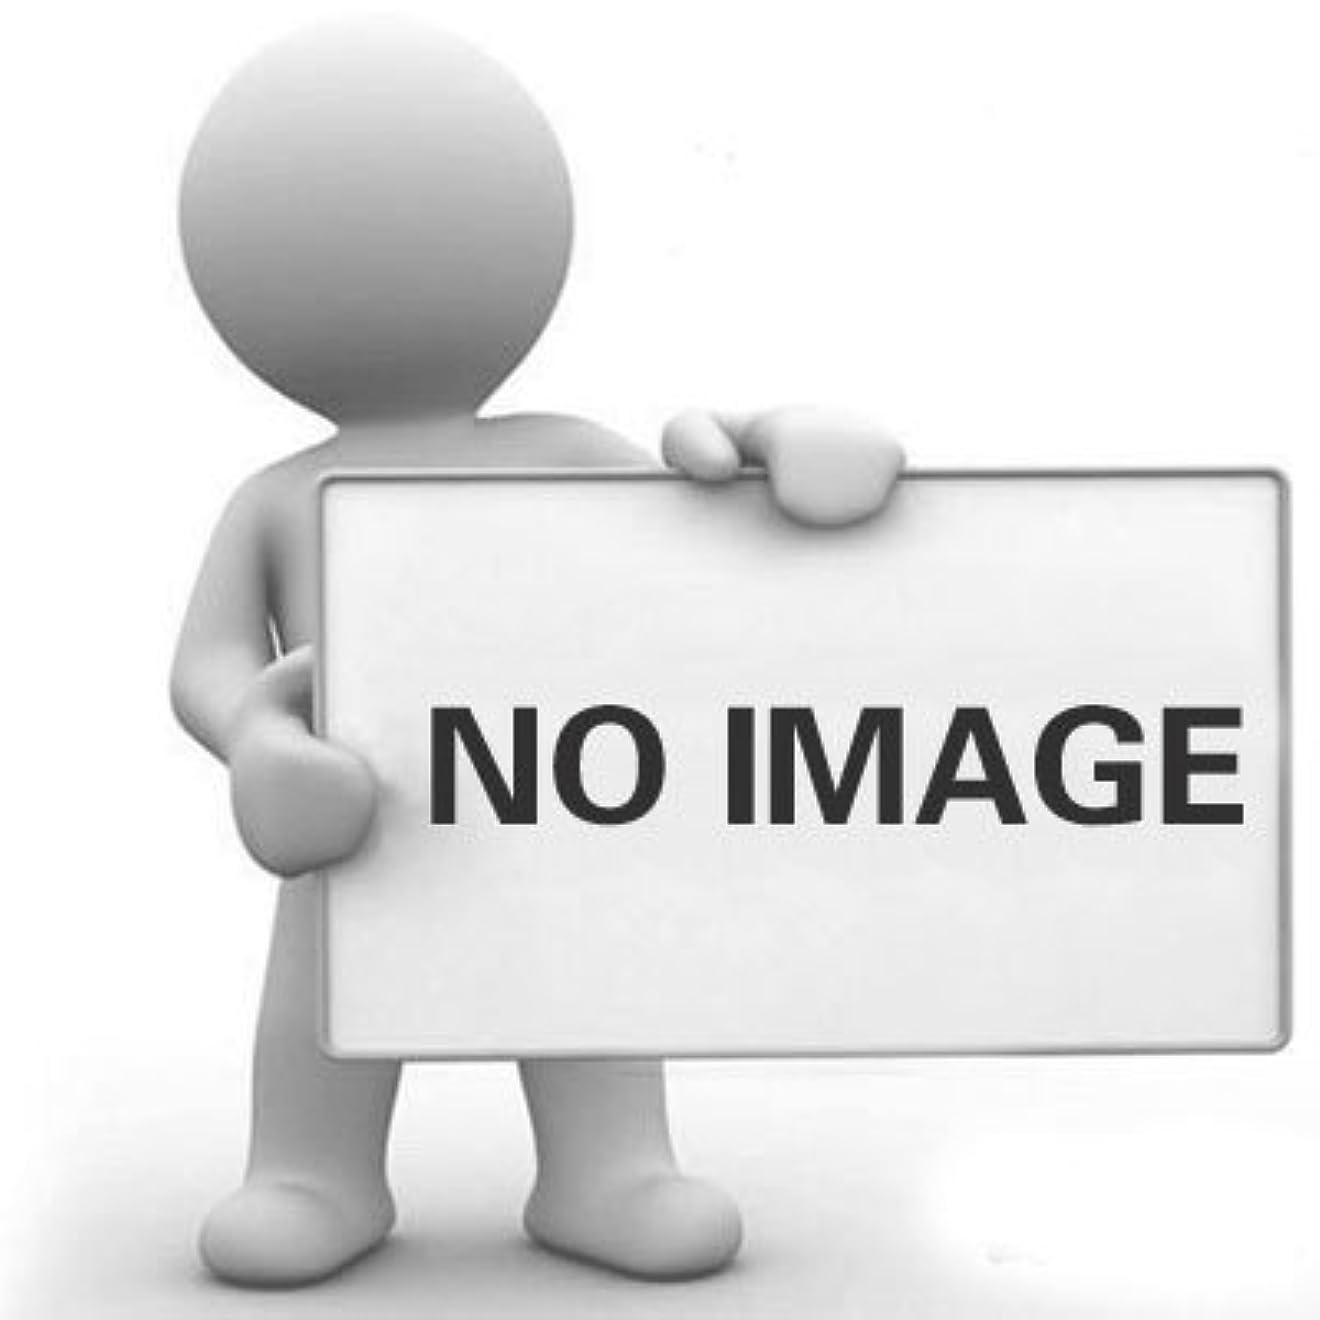 確認非公式ガイドDYNWAVE ネイルアート ネイルドリルビット マニキュア 研磨ヘッド ドリルビットセット 4本セット